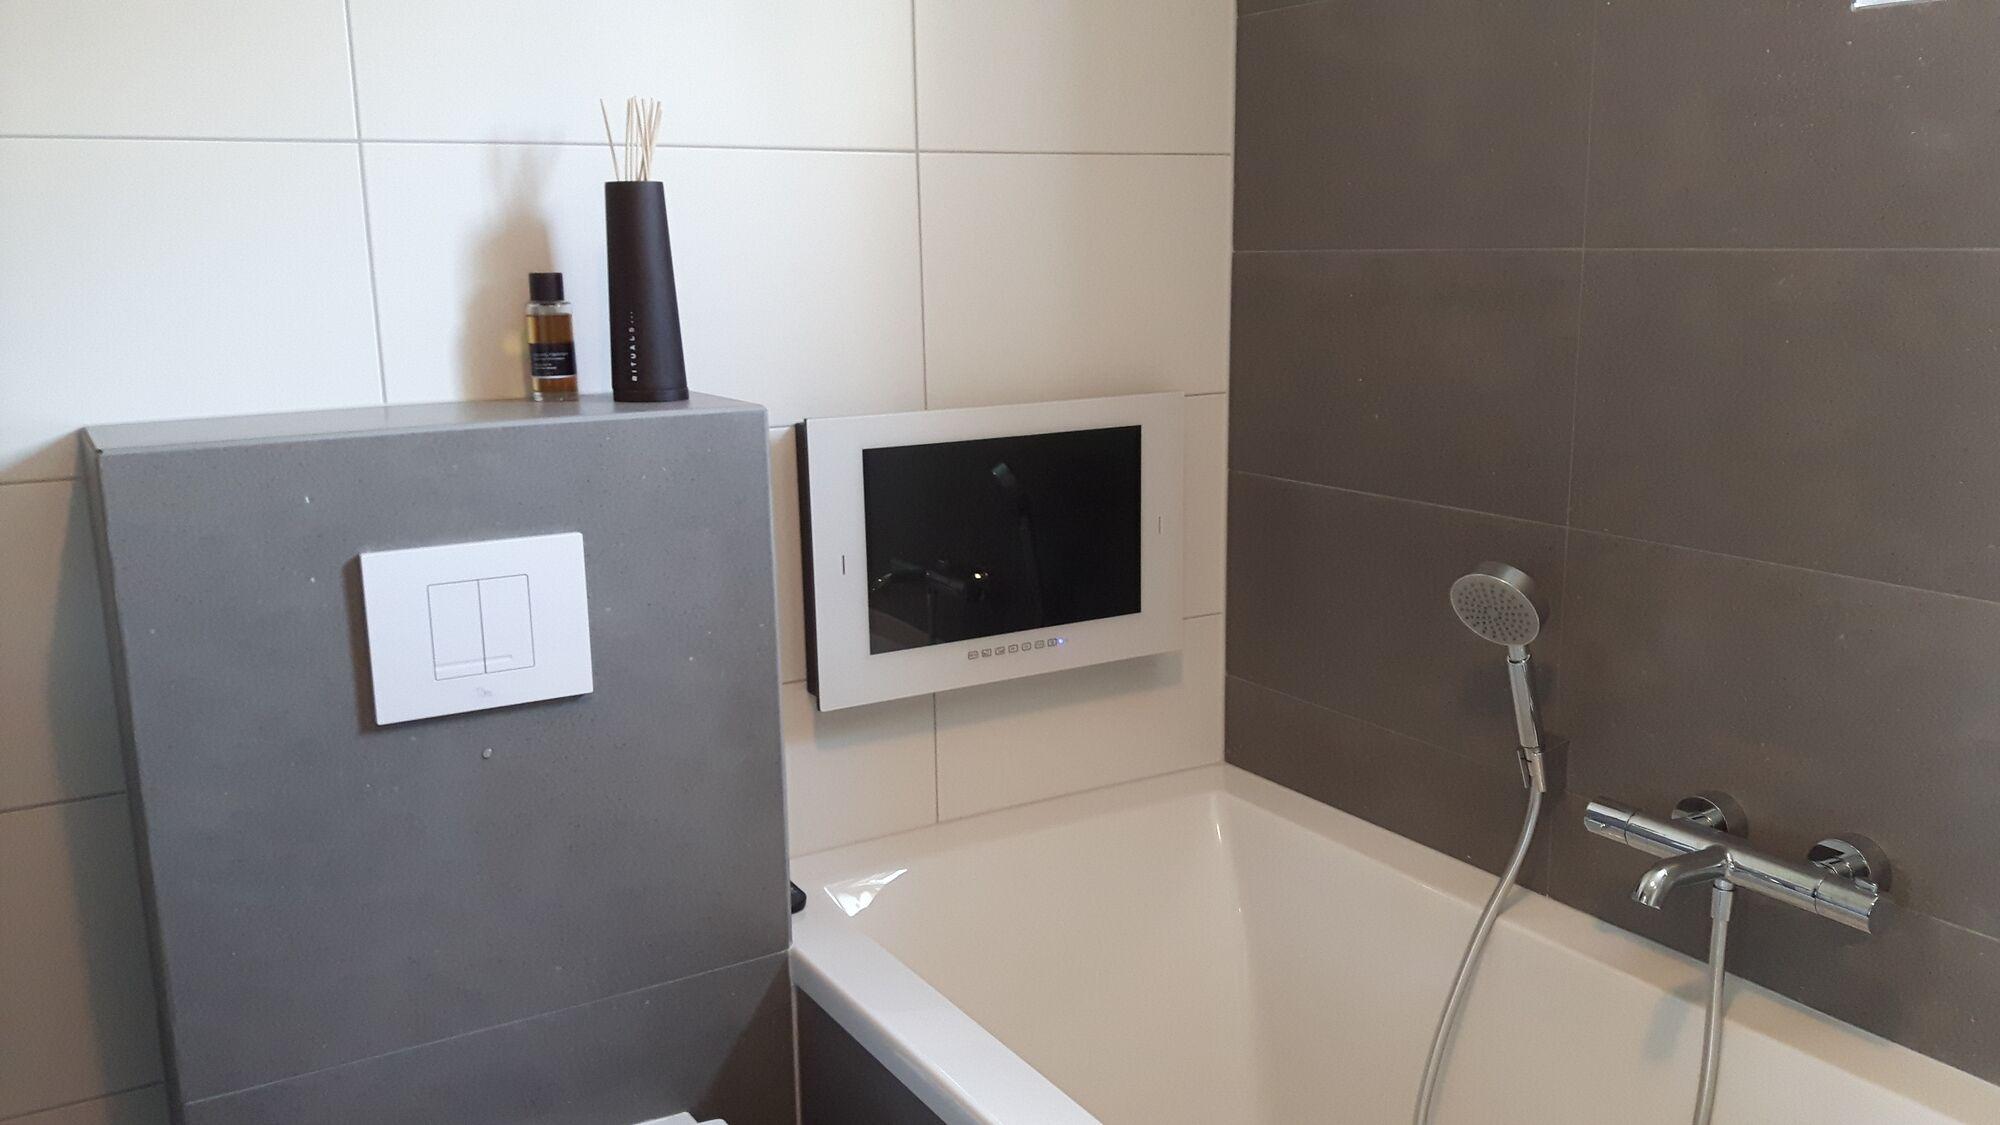 Badezimmer TV. Wasserdichte Badezimmer TVs für Badezimmer und Garten.